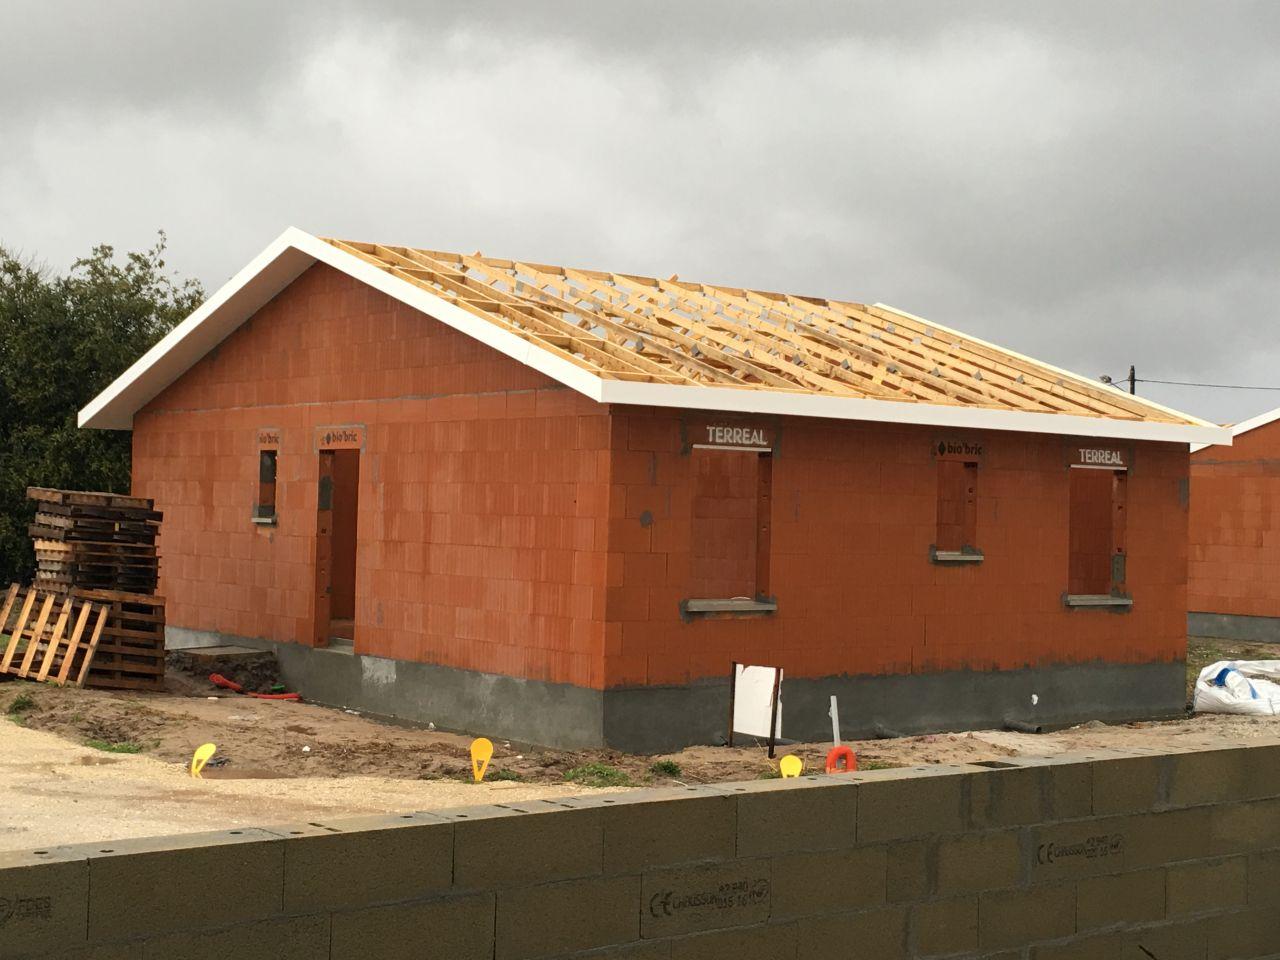 Bientôt un toit !